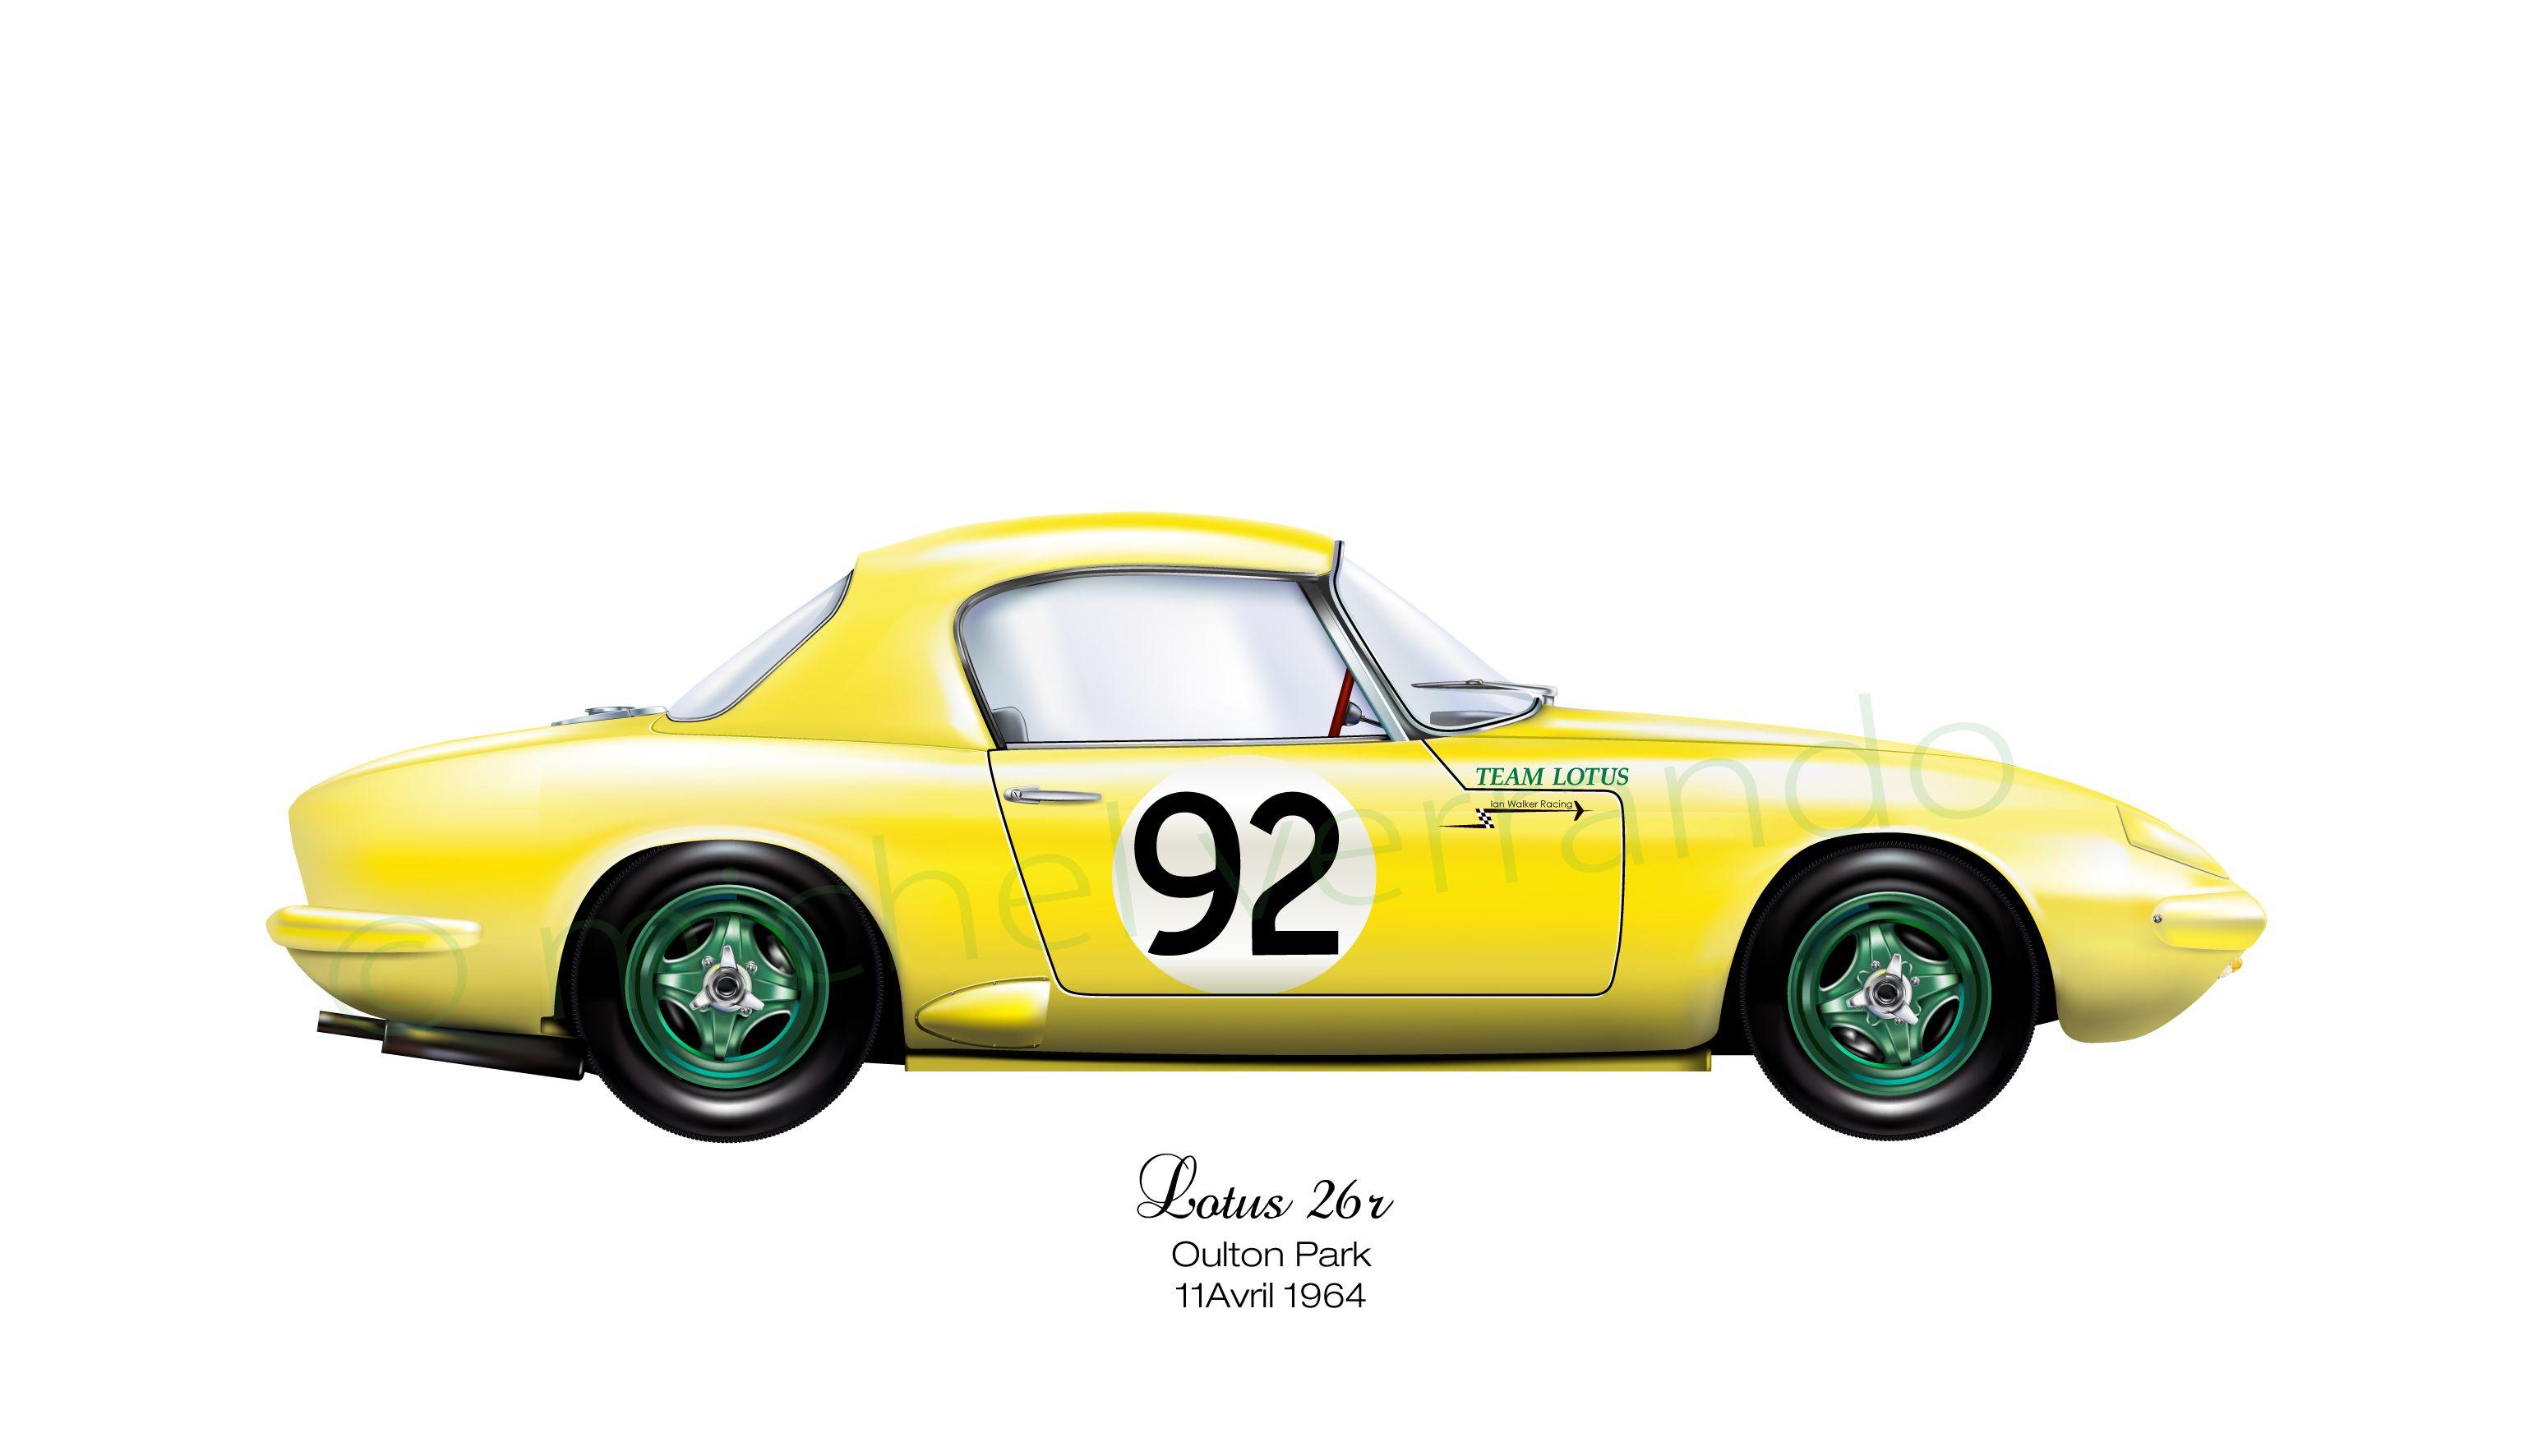 lotus 26r elan oulton park 1964 lotus cars pinterest lotus lotus elan and grand prix. Black Bedroom Furniture Sets. Home Design Ideas